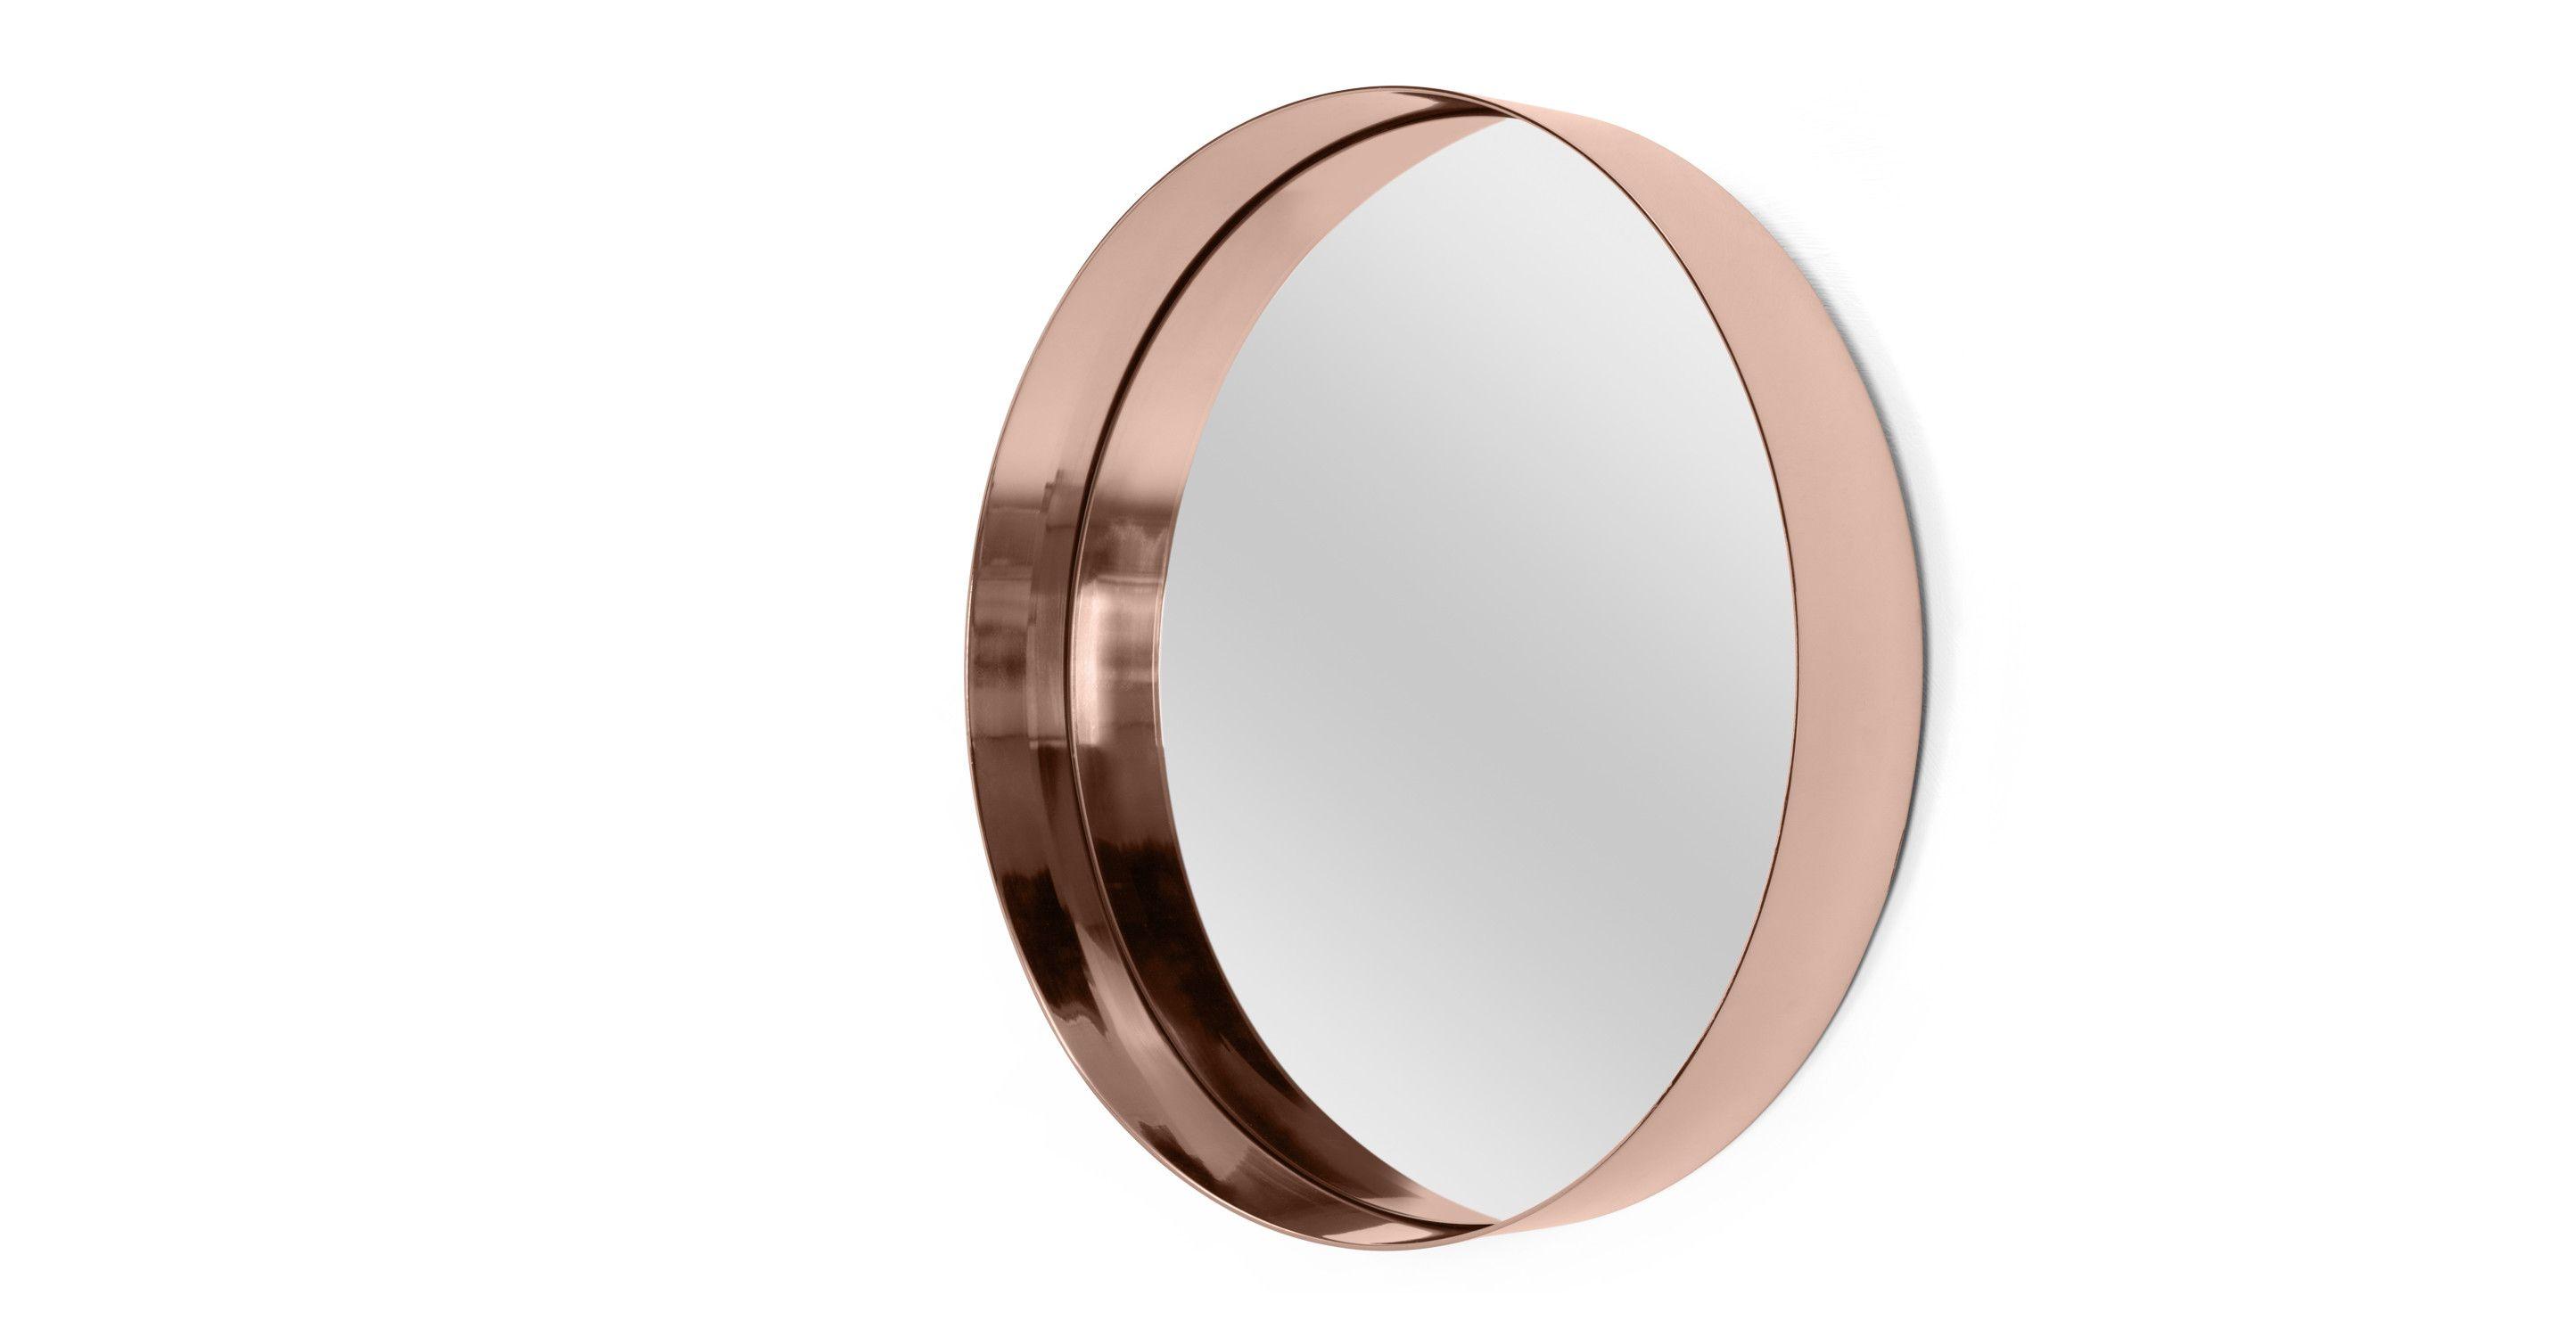 Alana Round Mirror, Copper